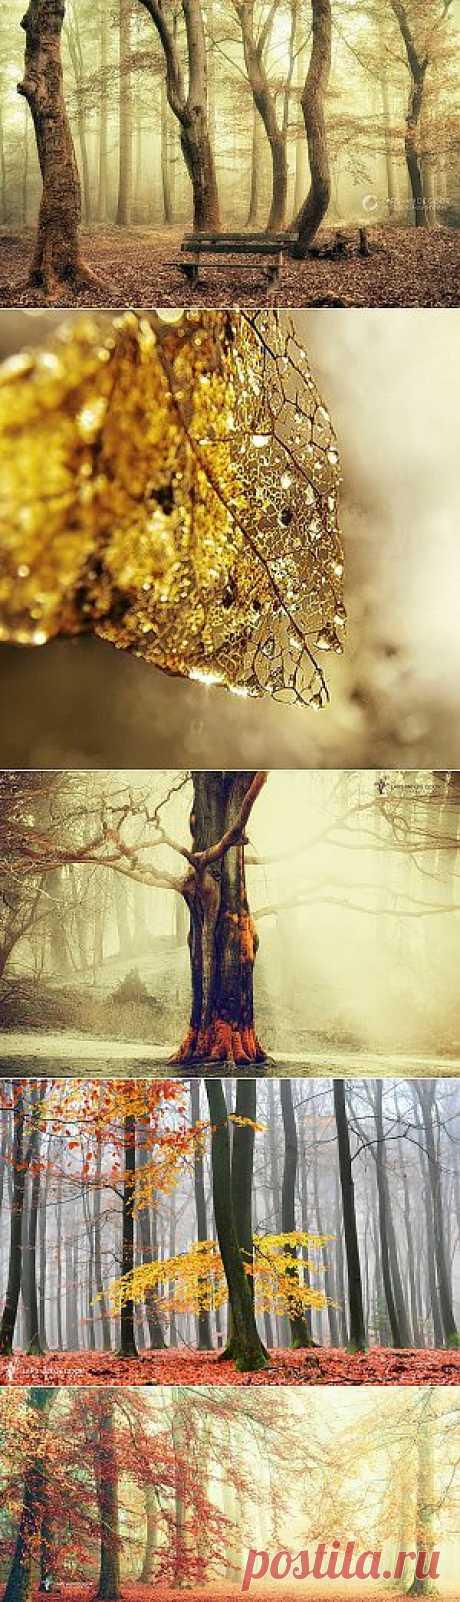 И бродит ноябрь уныло.... Фотограф Lars van de Goor.